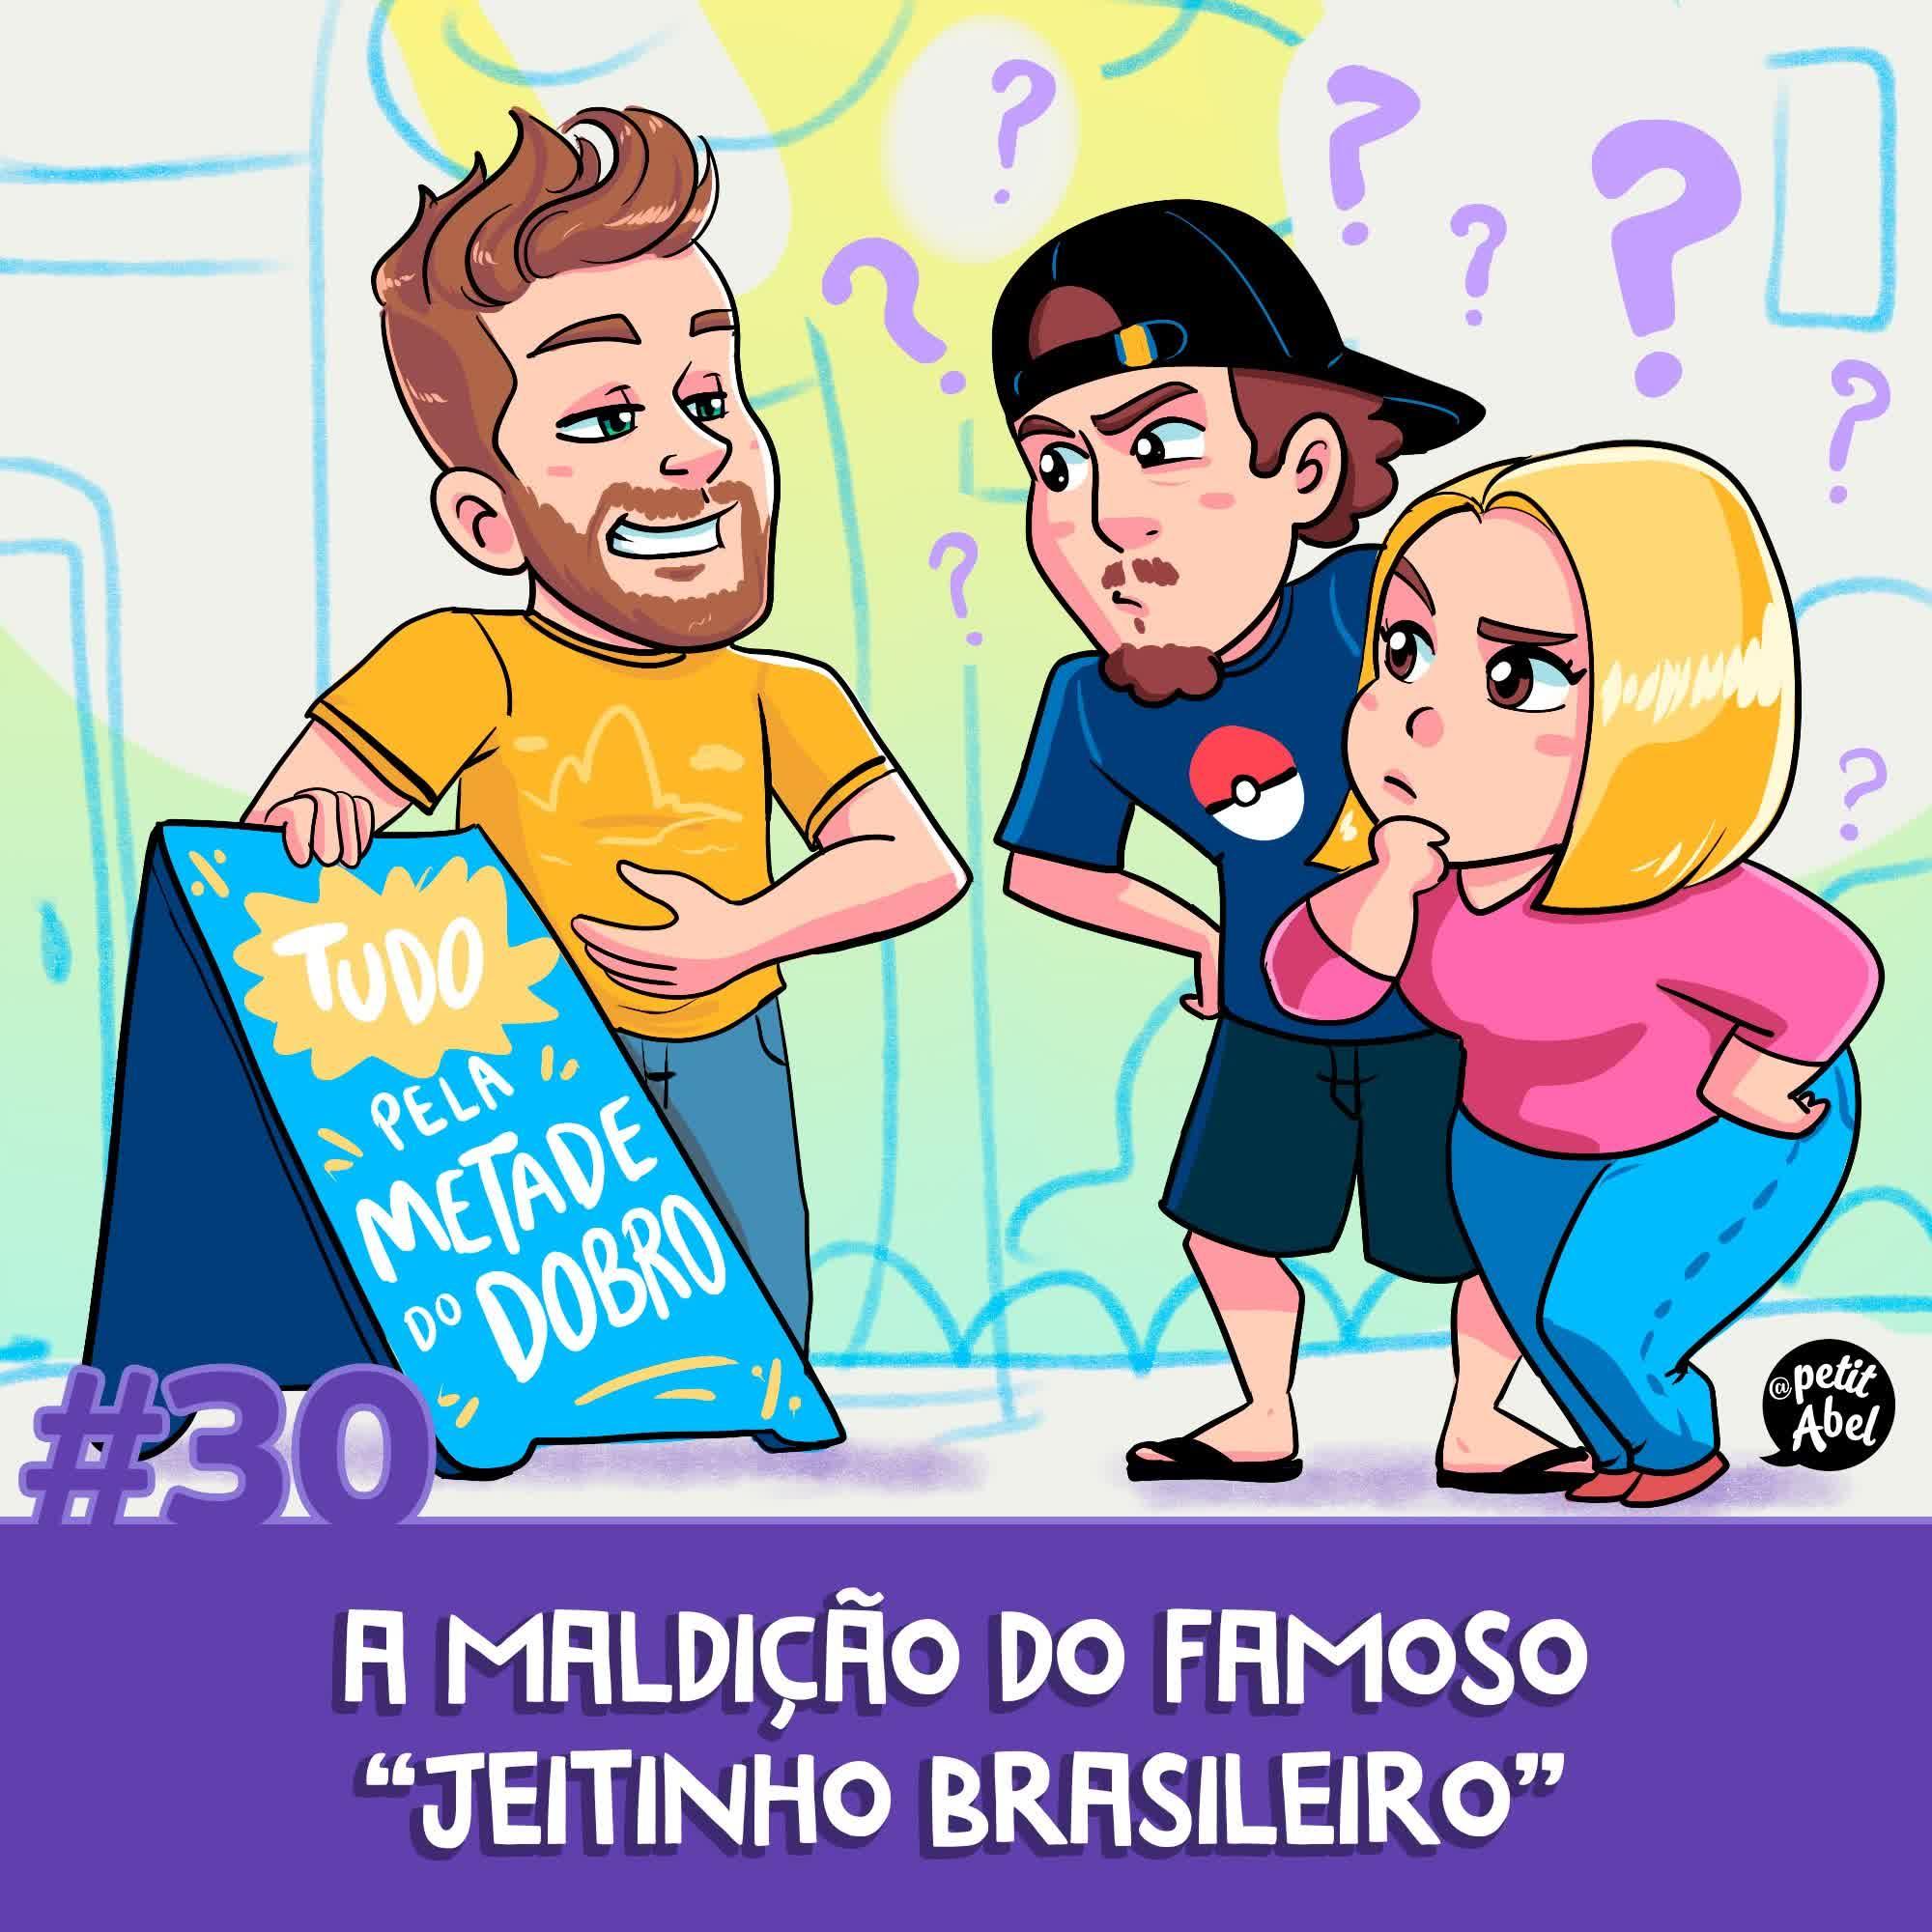 """#30 - A maldição do famoso """"jeitinho brasileiro"""""""